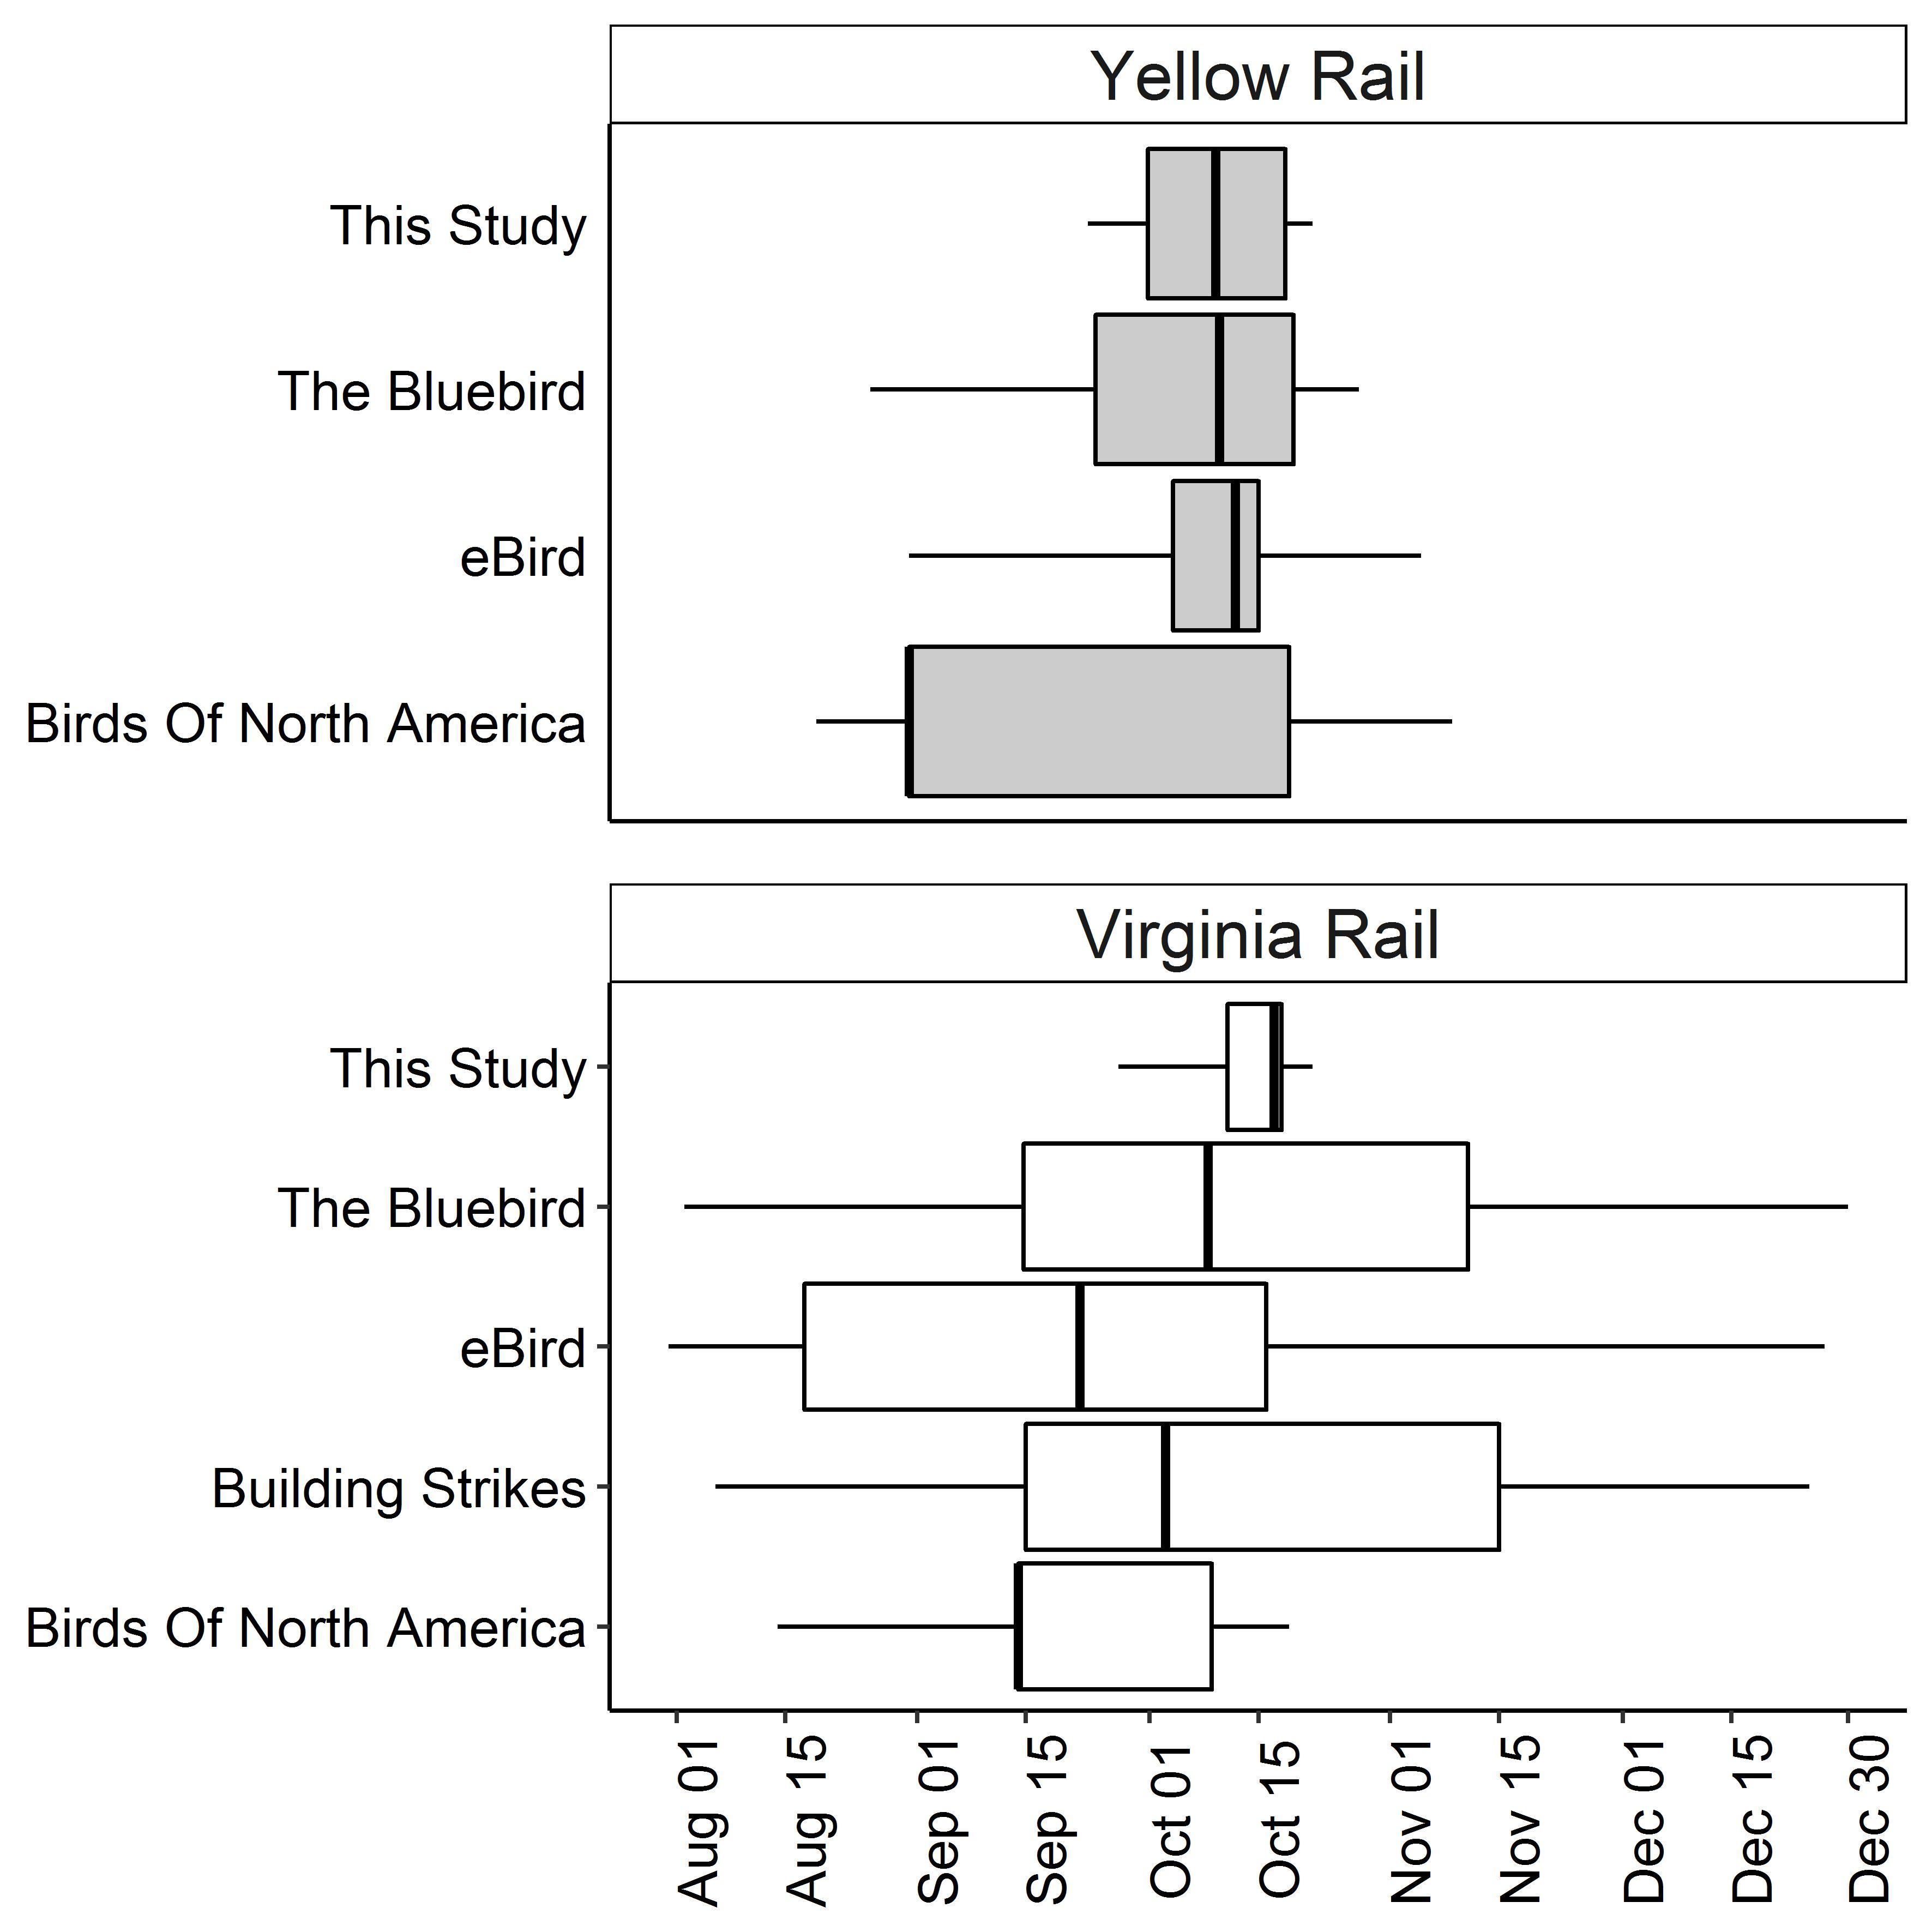 auriel m v fournier phd u2013 bird conservation structured decision